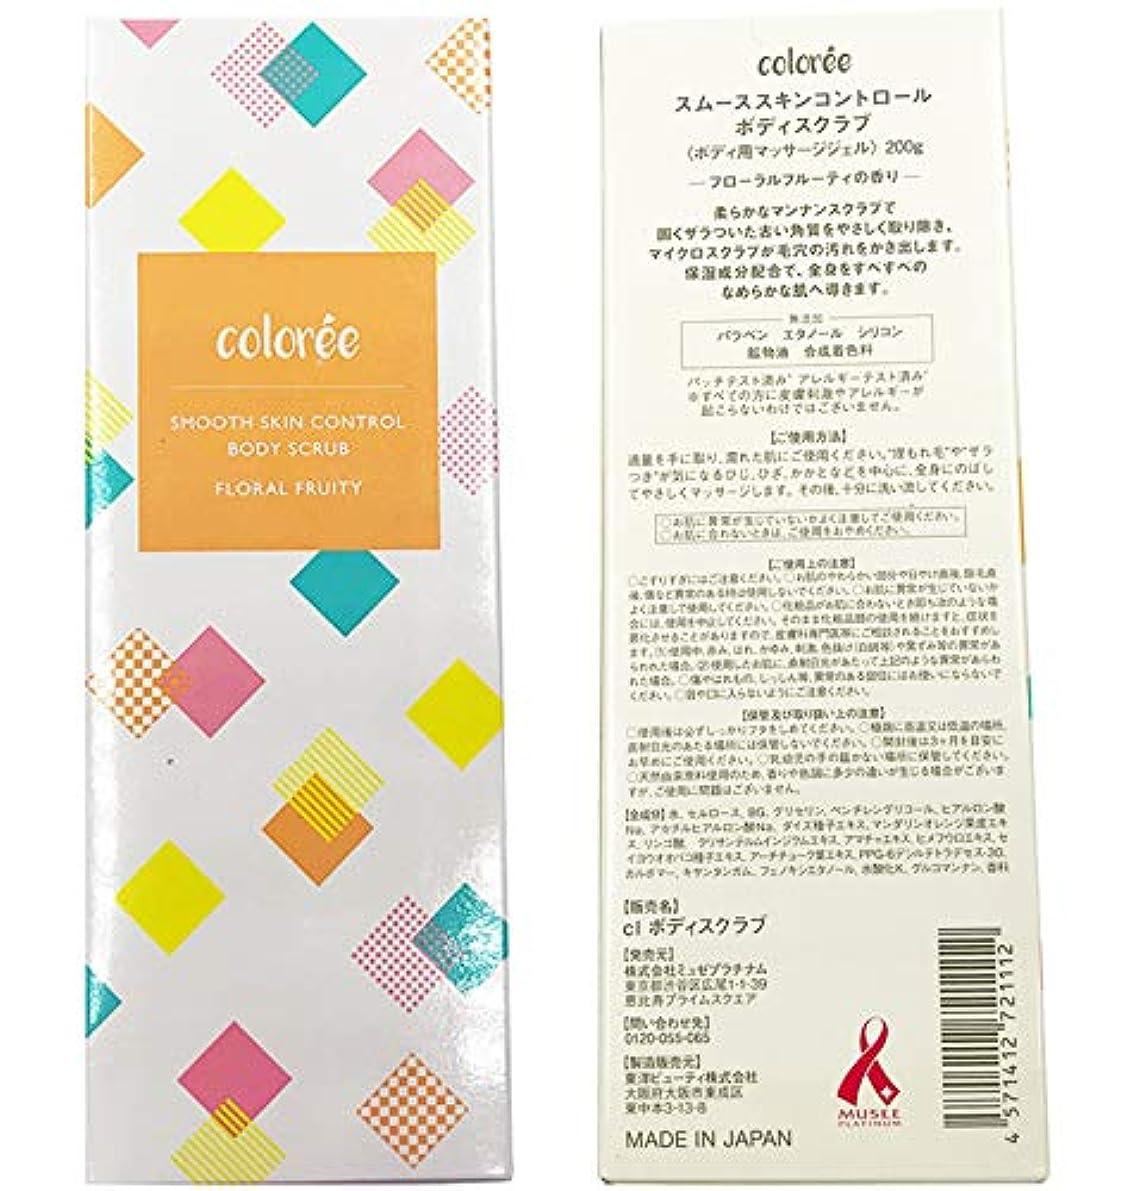 十代グローバル勃起ミュゼプラチナム coloree スムーススキンコントロール ボディスクラブ (フローラルフルーティの香り) 200g